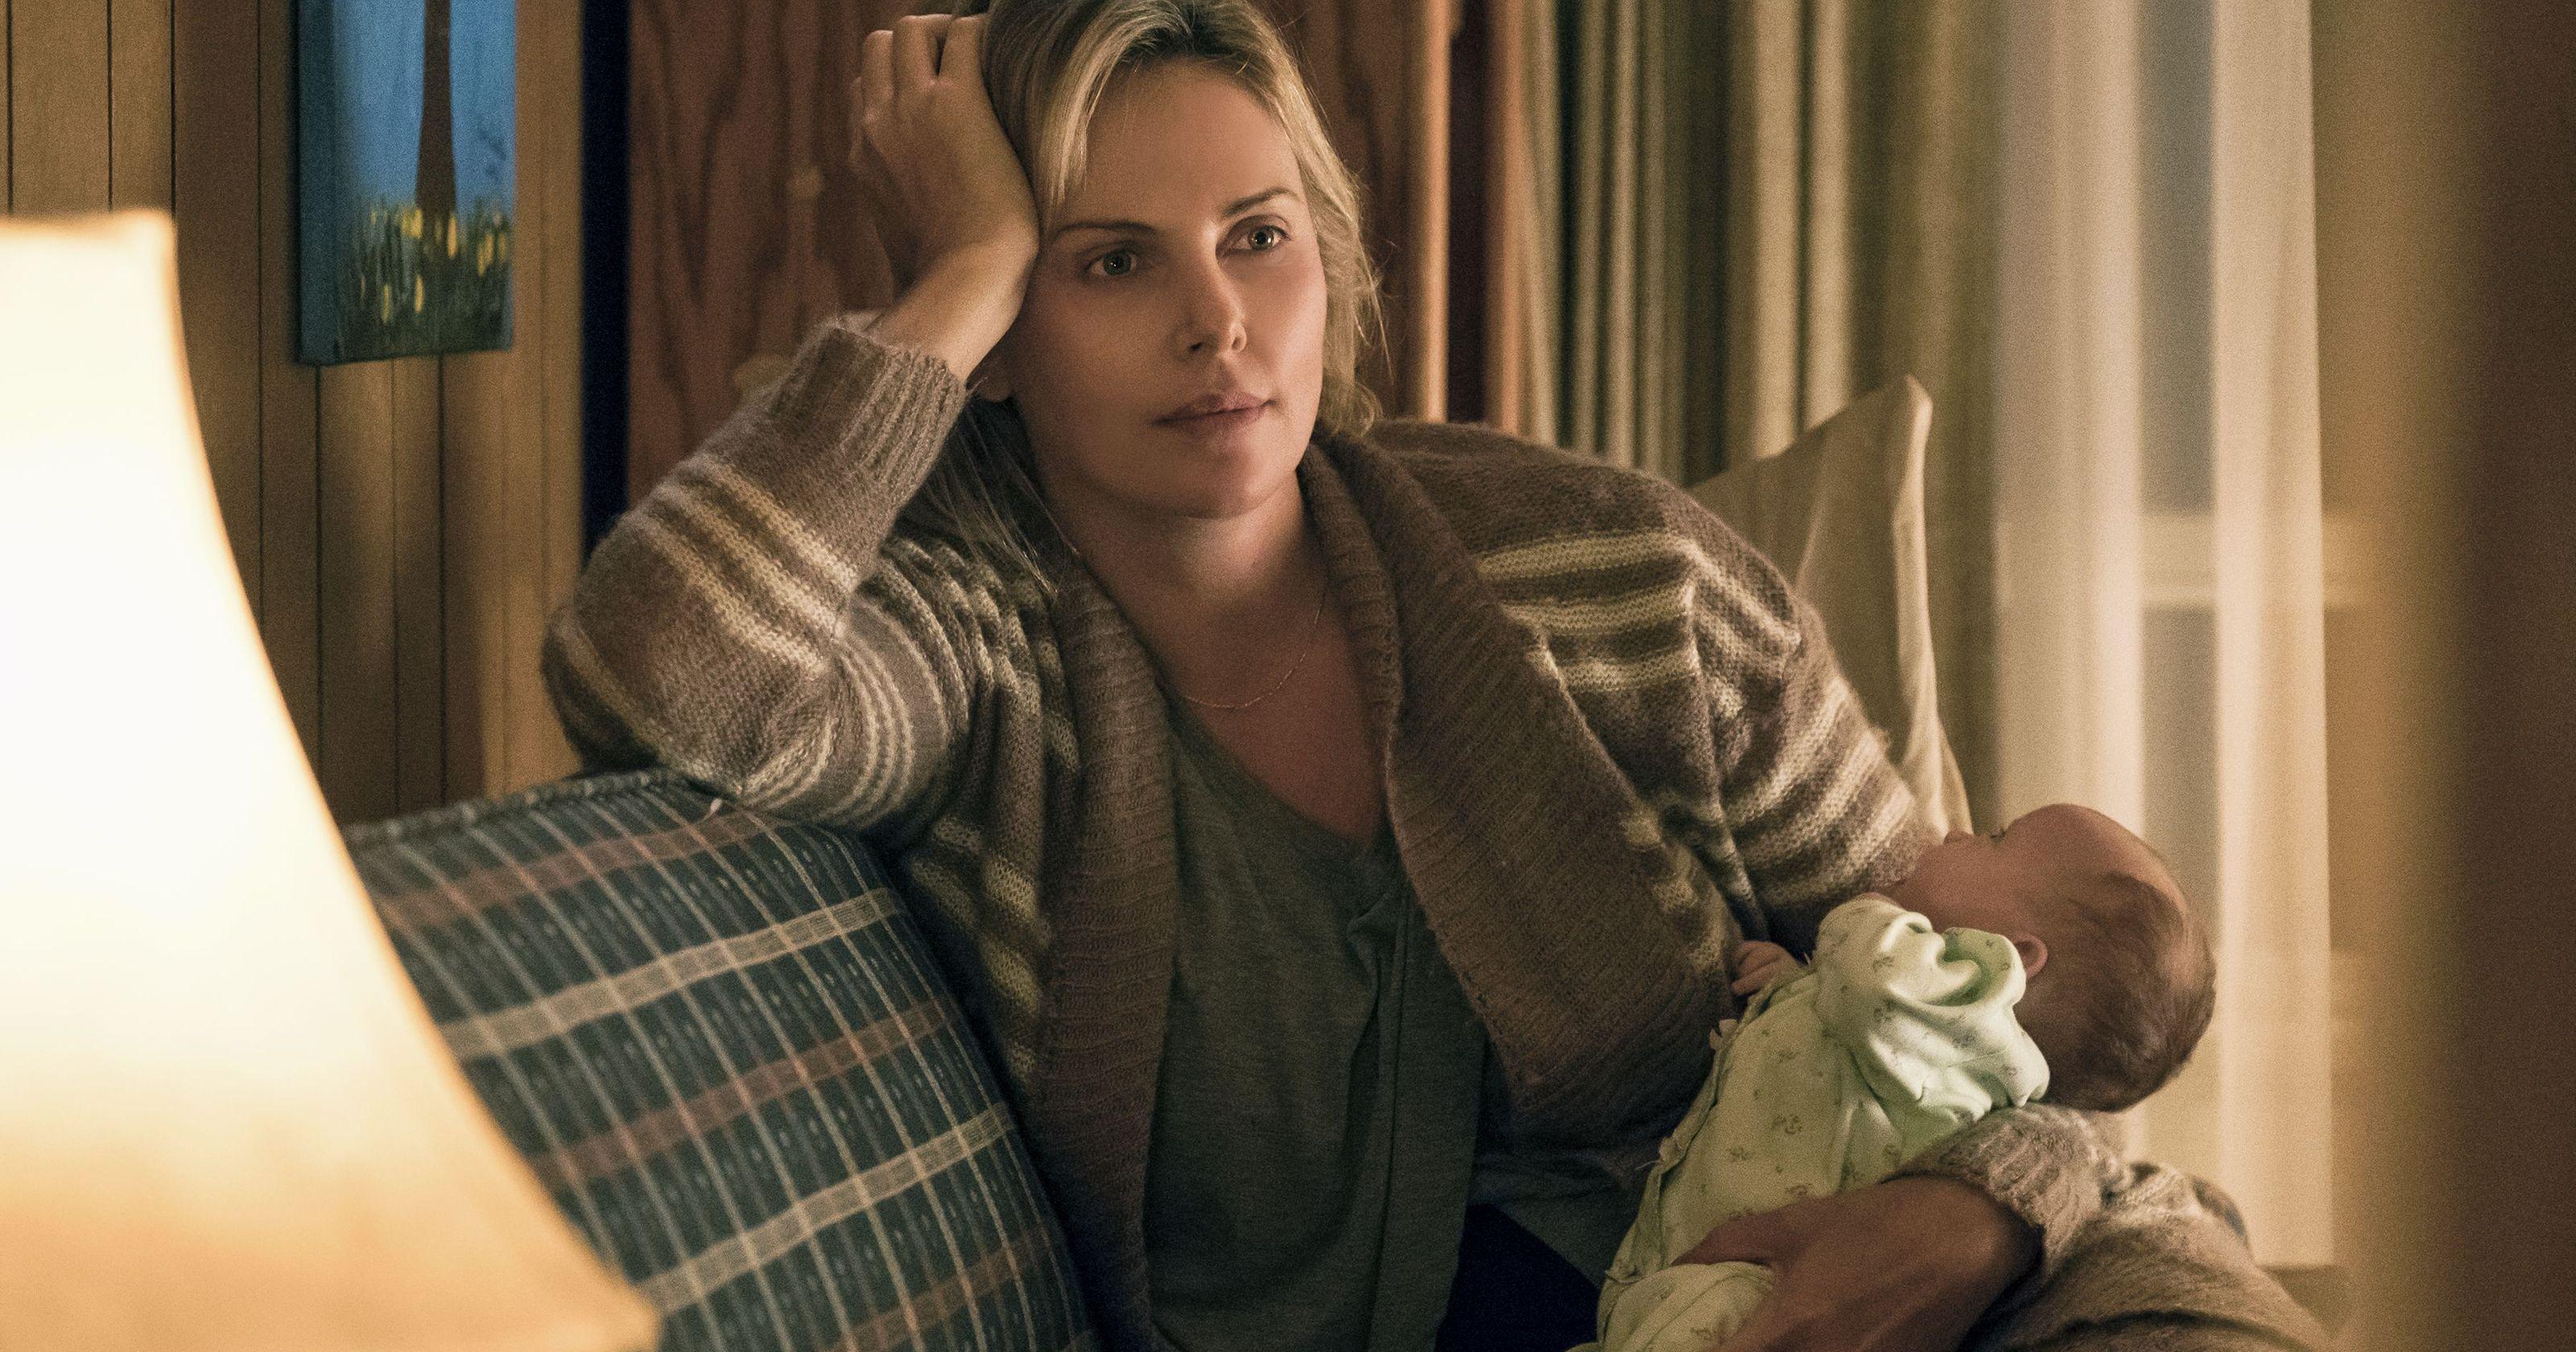 نقد و تحلیل فیلم (Tully)،مادرانگی در آستانه 40 سالگی